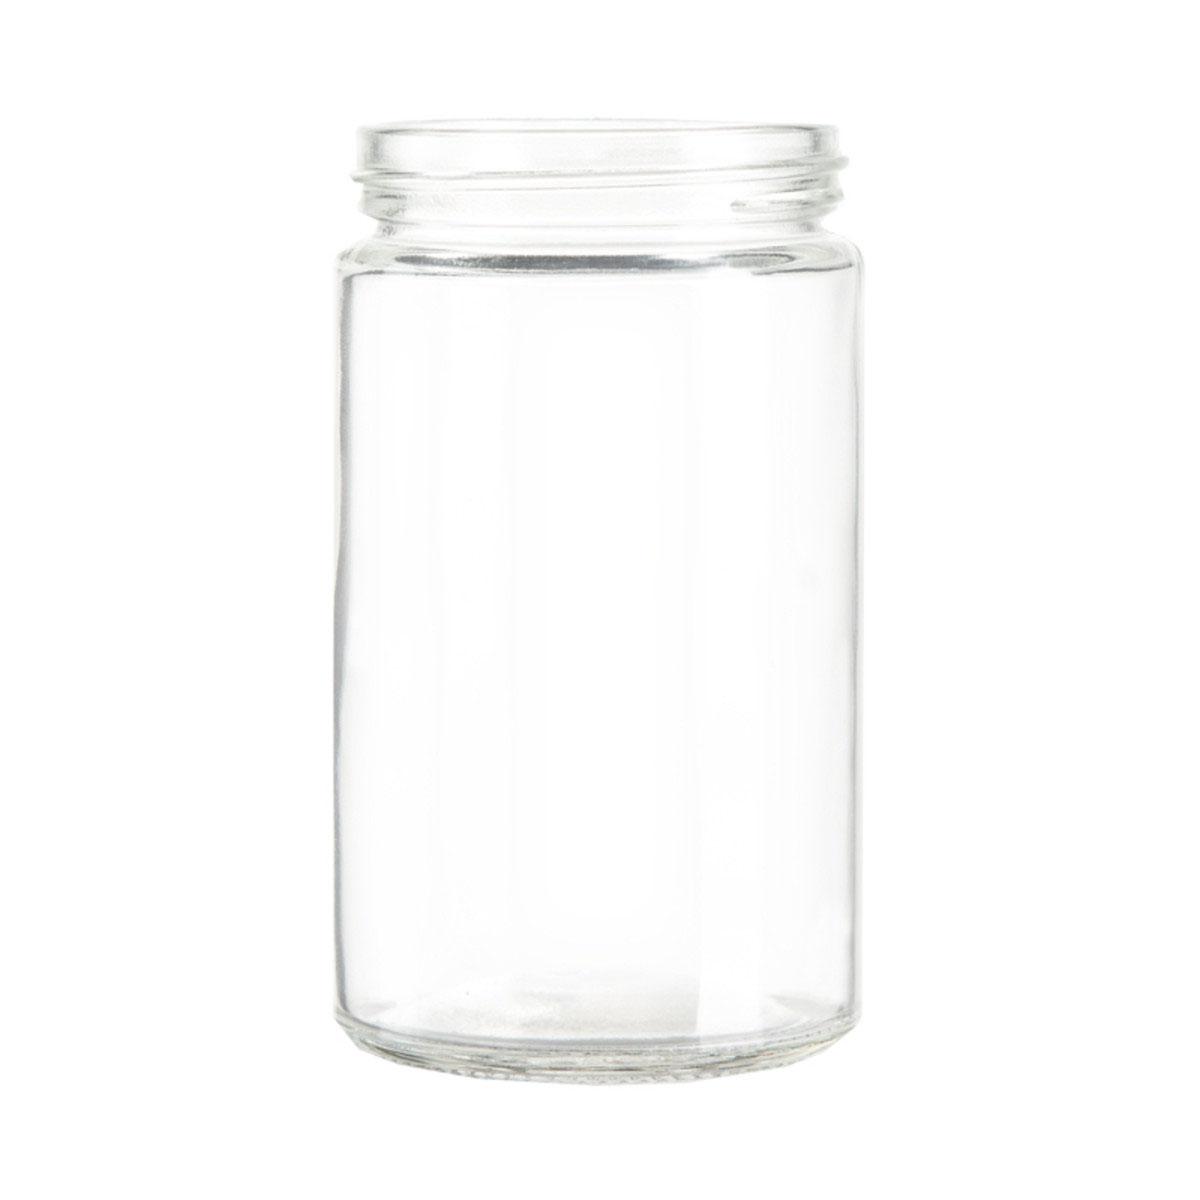 10 Oz Standard Glass Jar (72qty.)